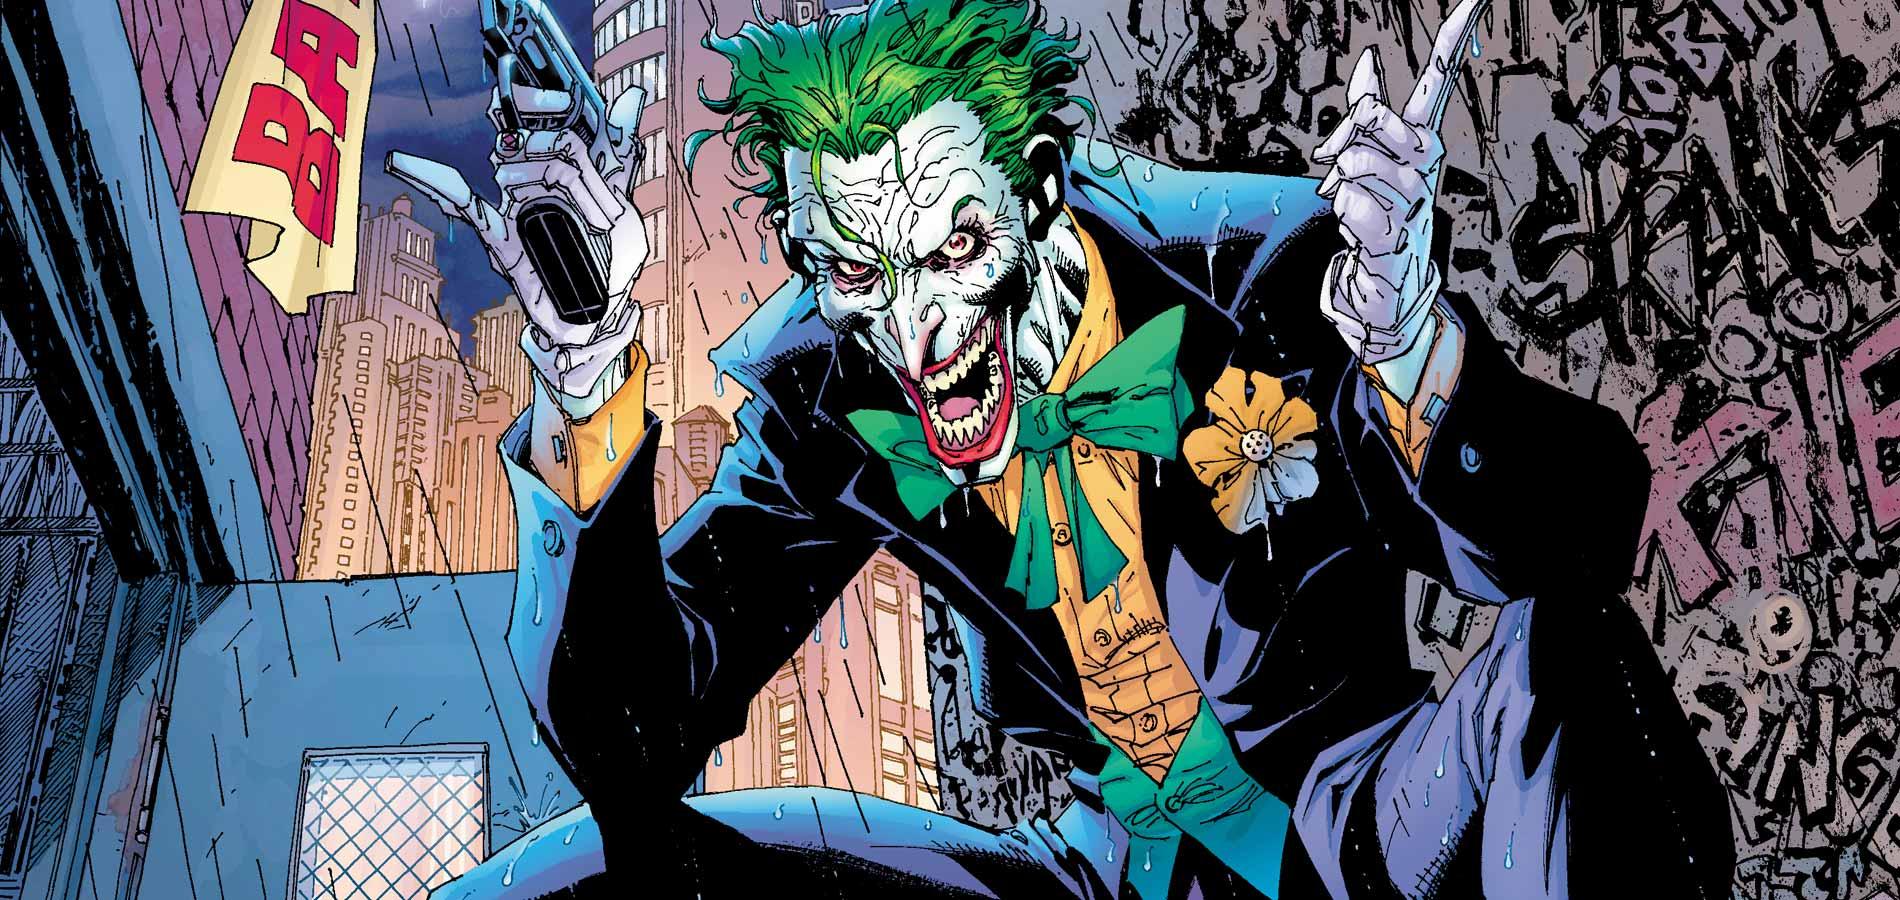 Joker dostanie własny film. W produkcję zaangażowany jest Martin Scorsese